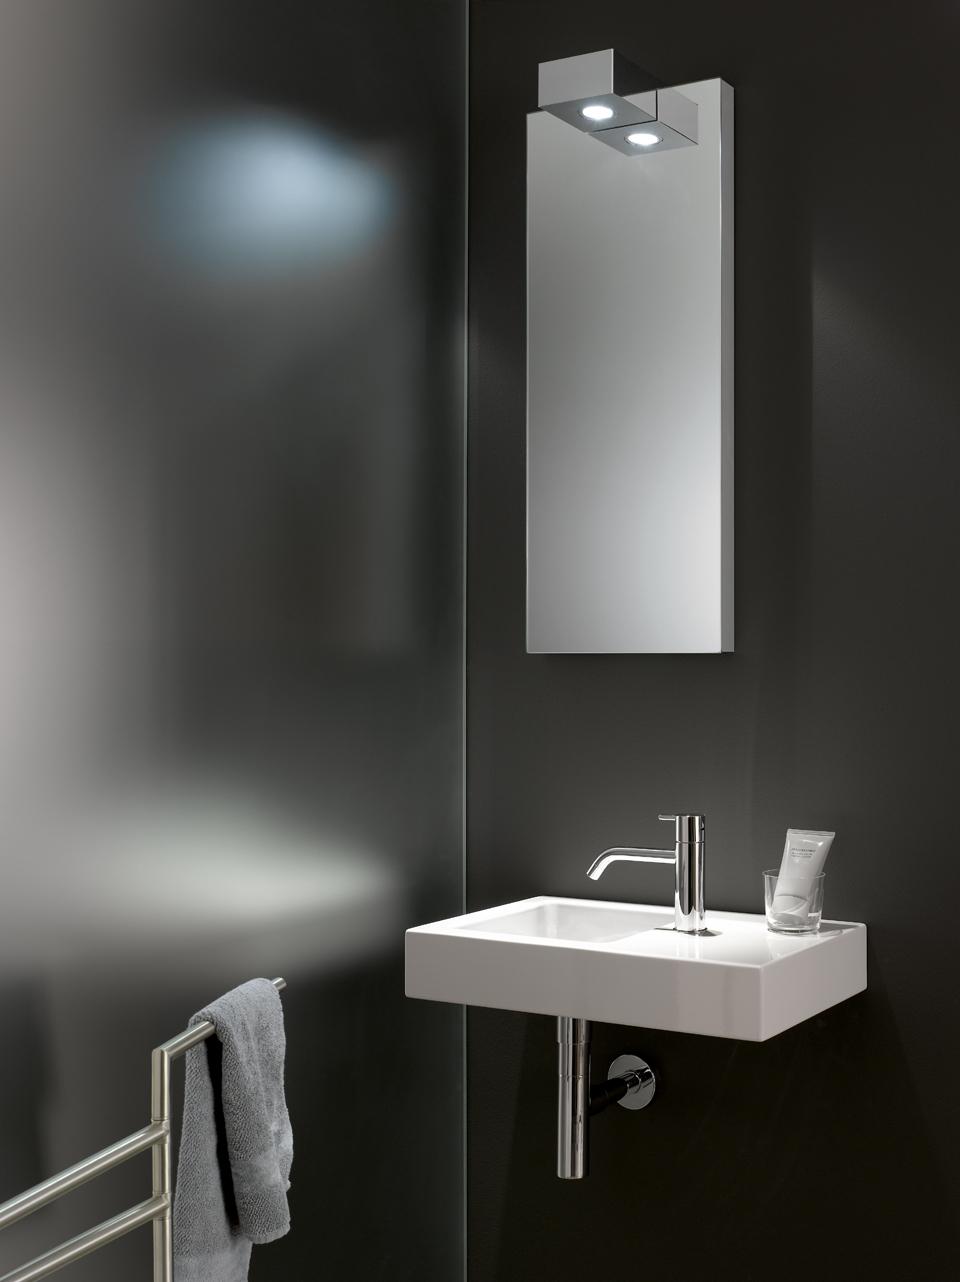 Relativ So individuell kann klein sein - 3m² Gäste-WC | Schramm | München KL69